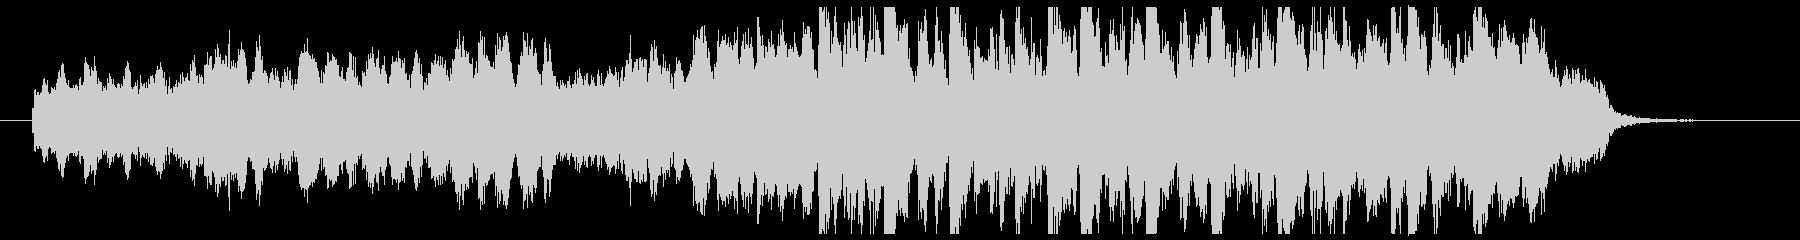 30秒CM前向き爽快ポップなオーケストラの未再生の波形